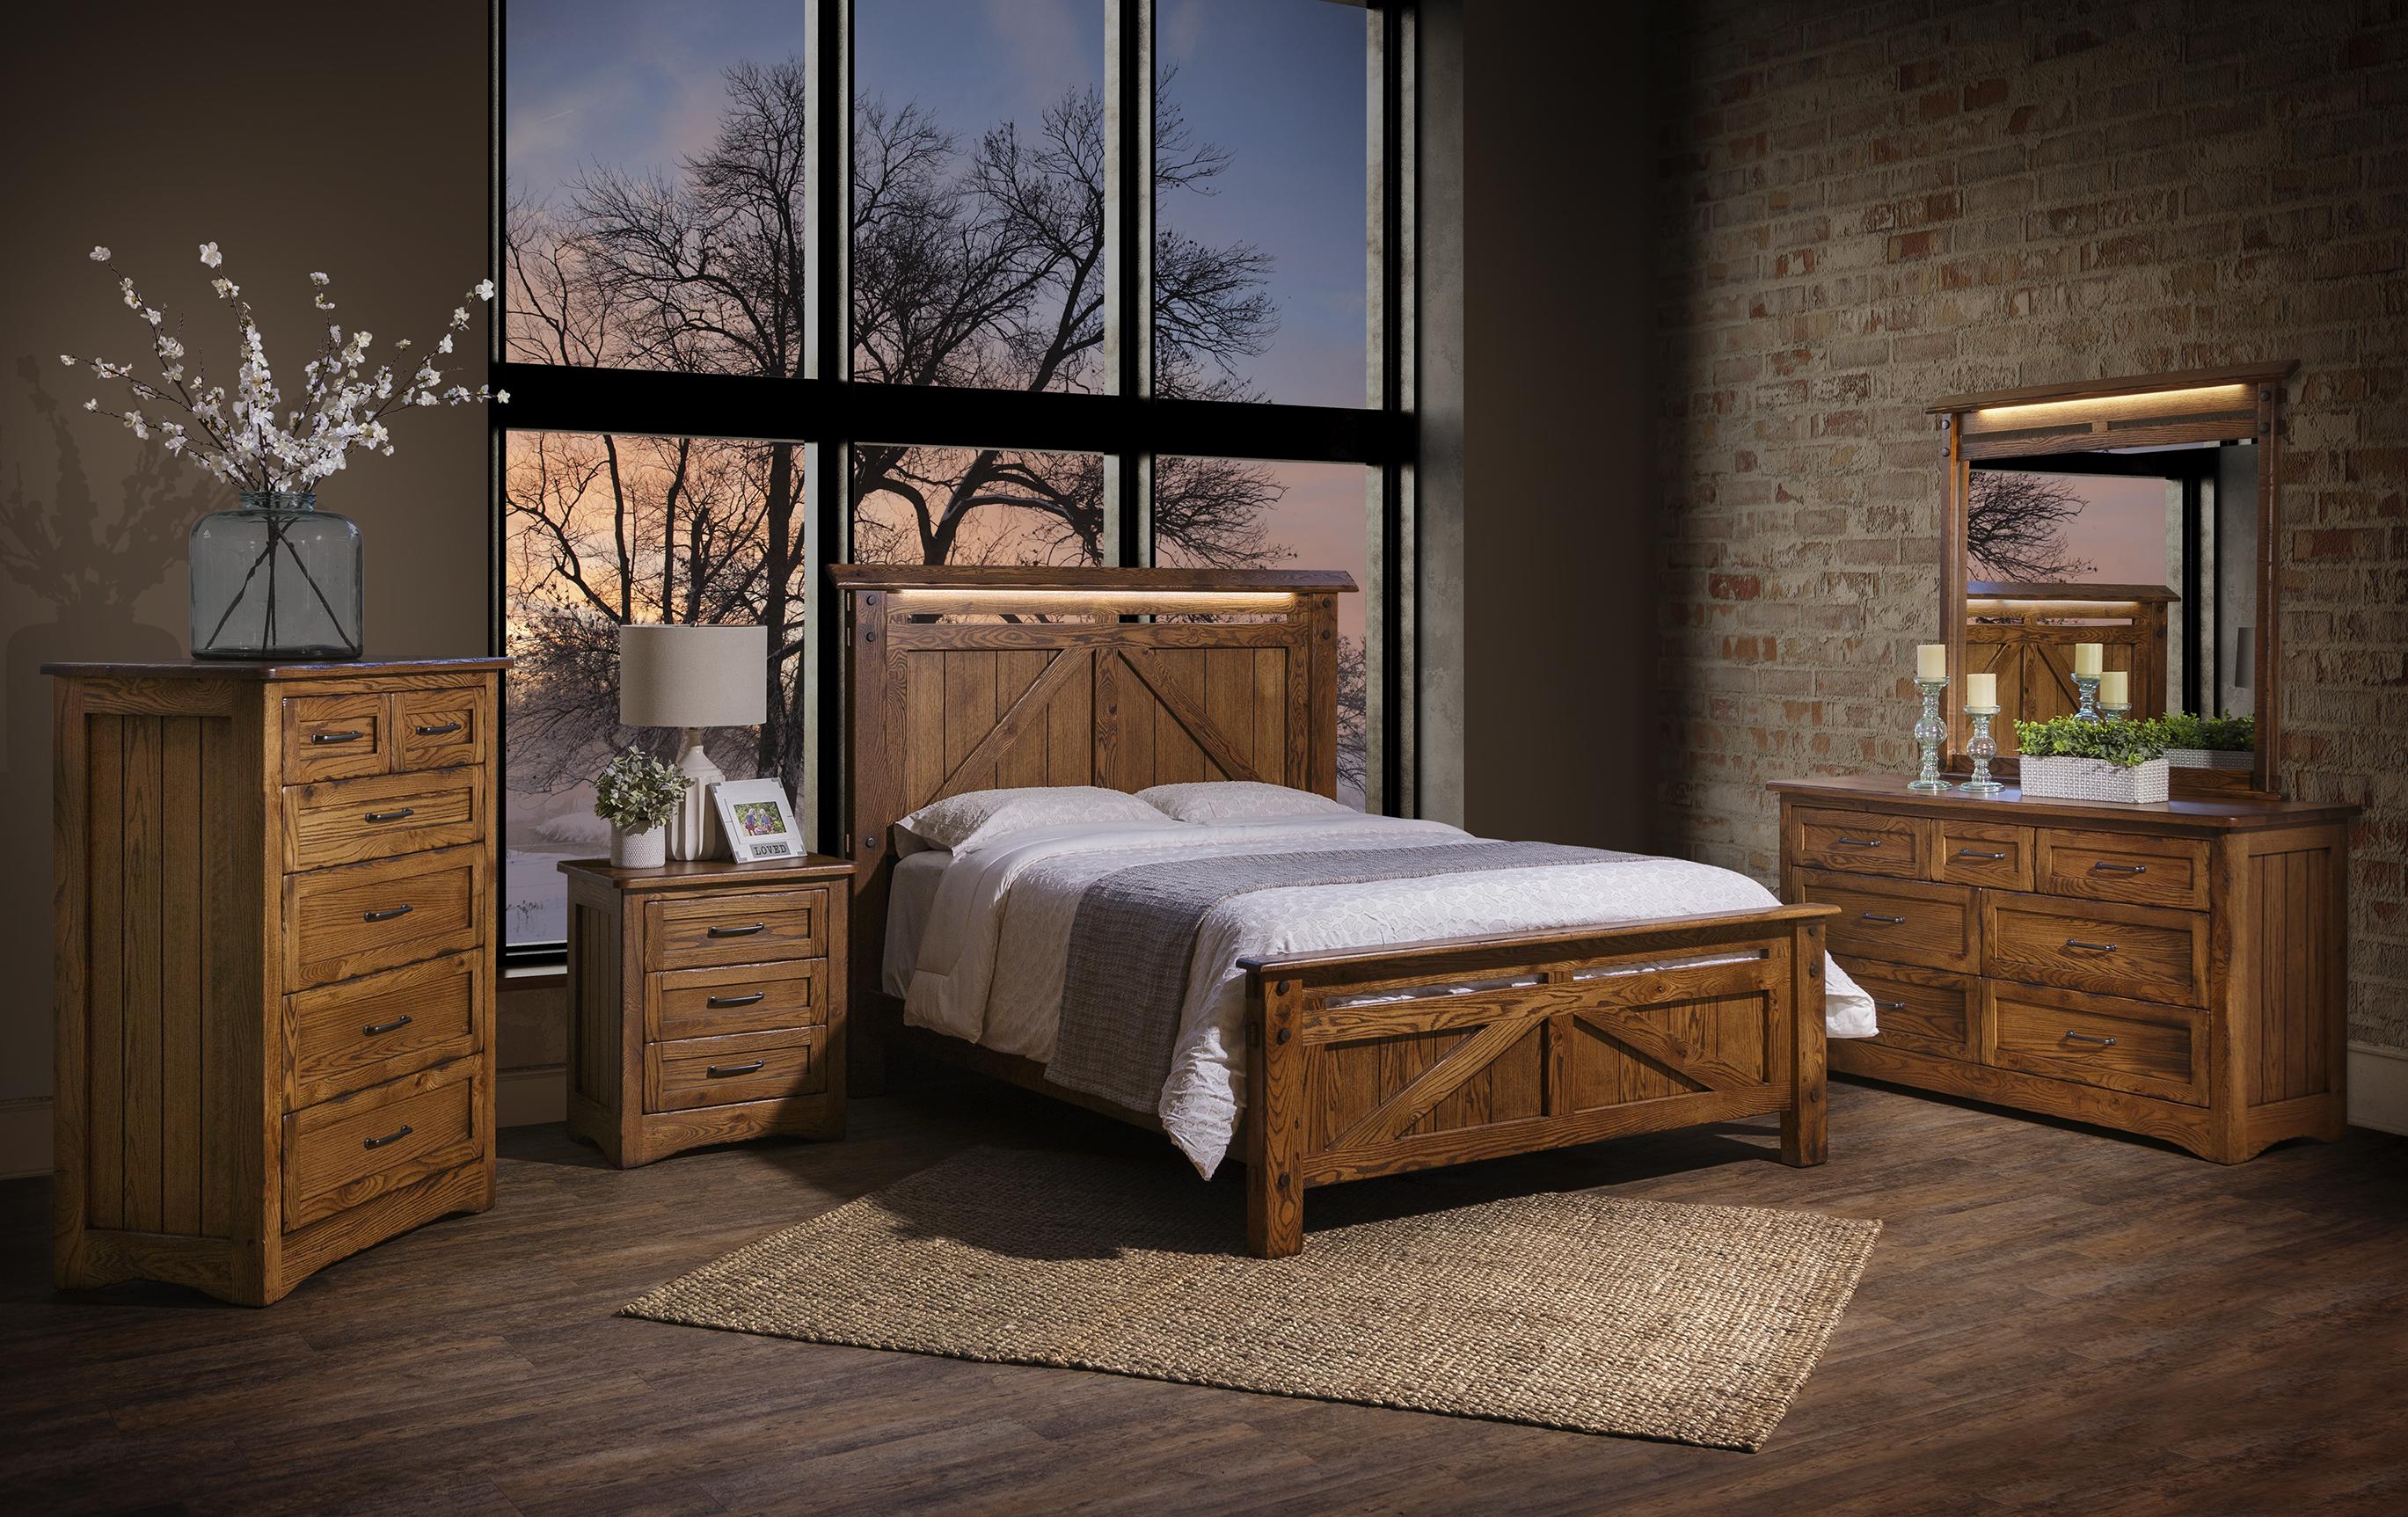 Farmstead Bedroom